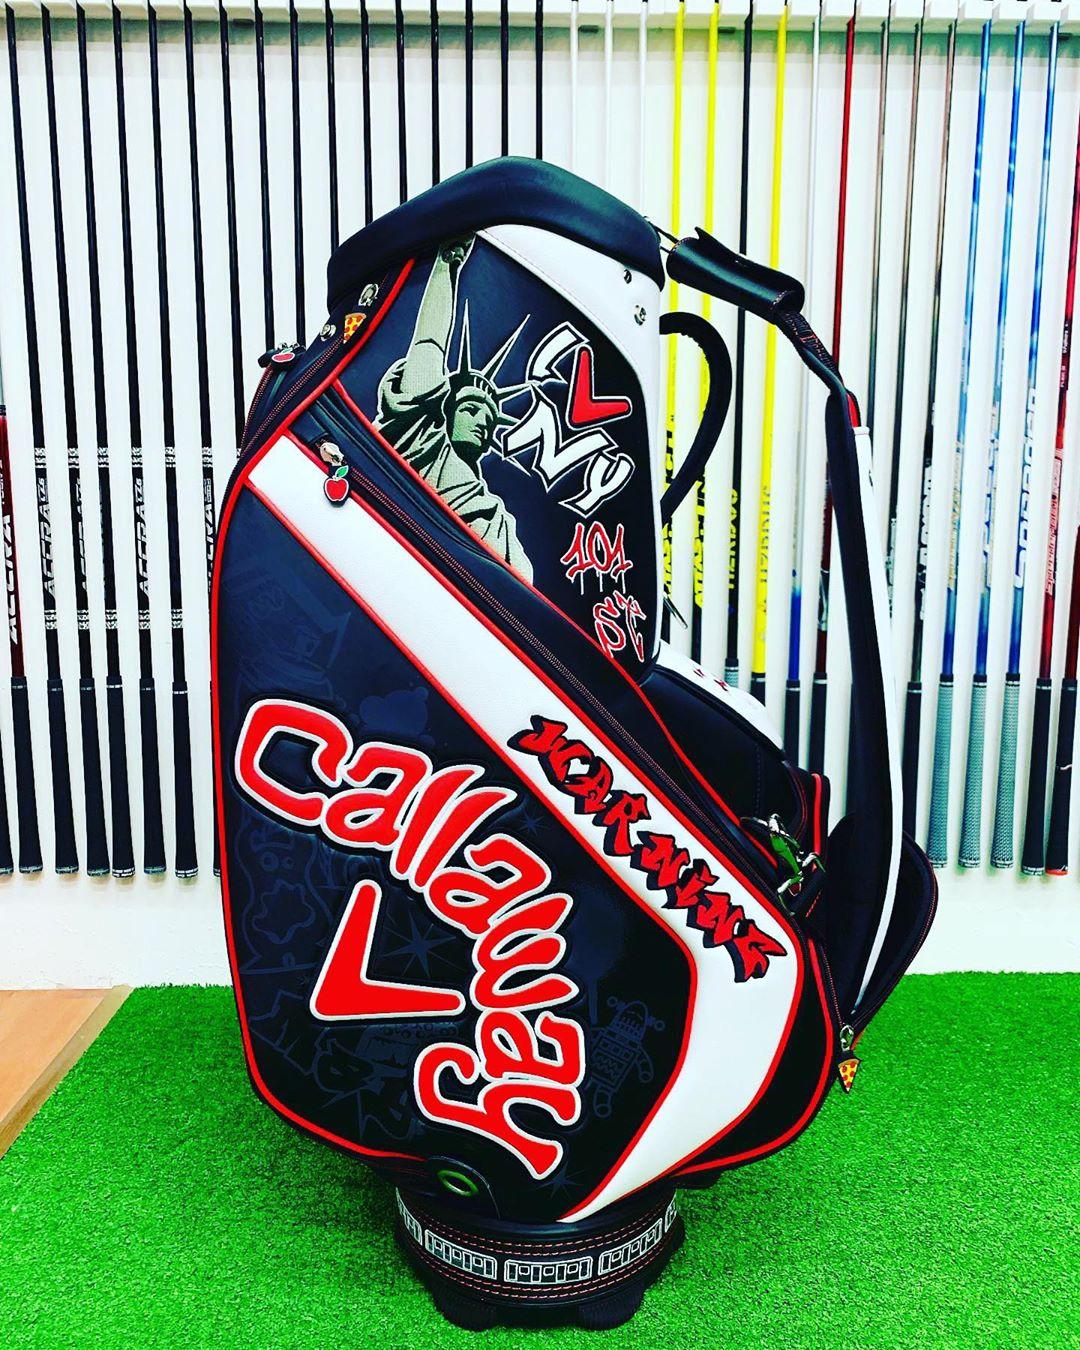 It's PGA Championship!!! @clubfitting @callawaygolf @pga @pgatour